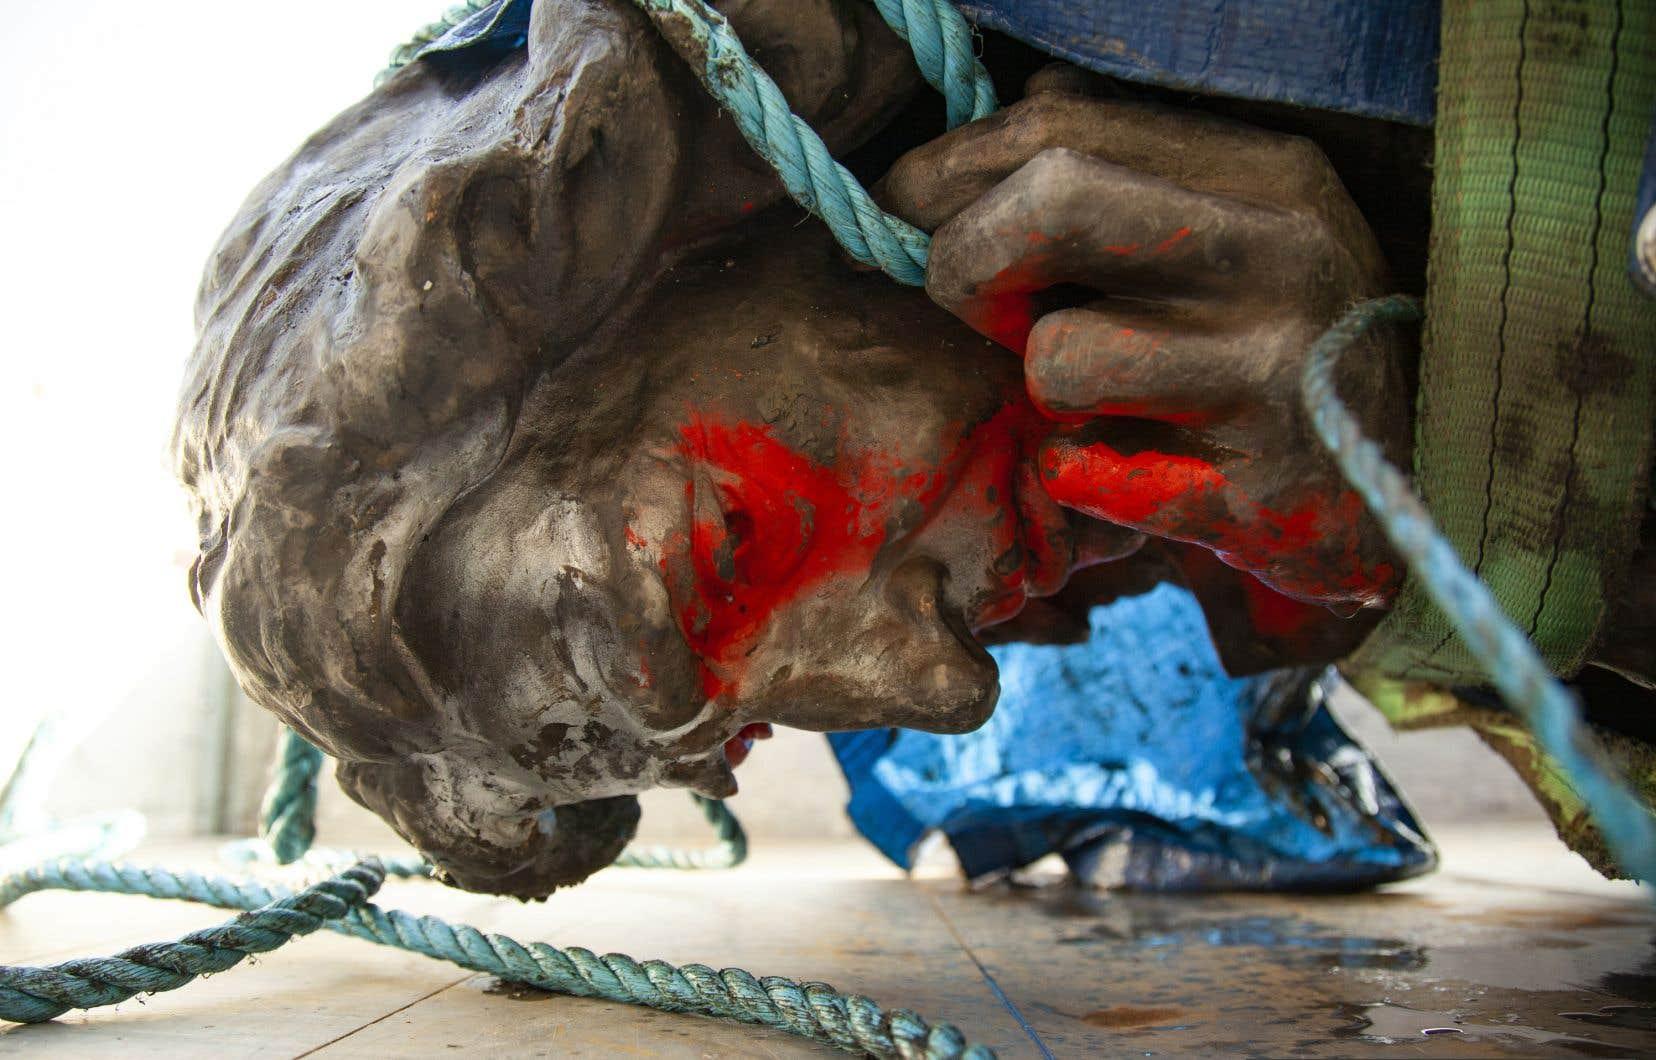 Une statue d'Edward Colston, vandalisée puis jetée dans le port de Bristol, dans le sud-ouest de l'Angleterre, avant d'être récupérée le 11 juin dernier.